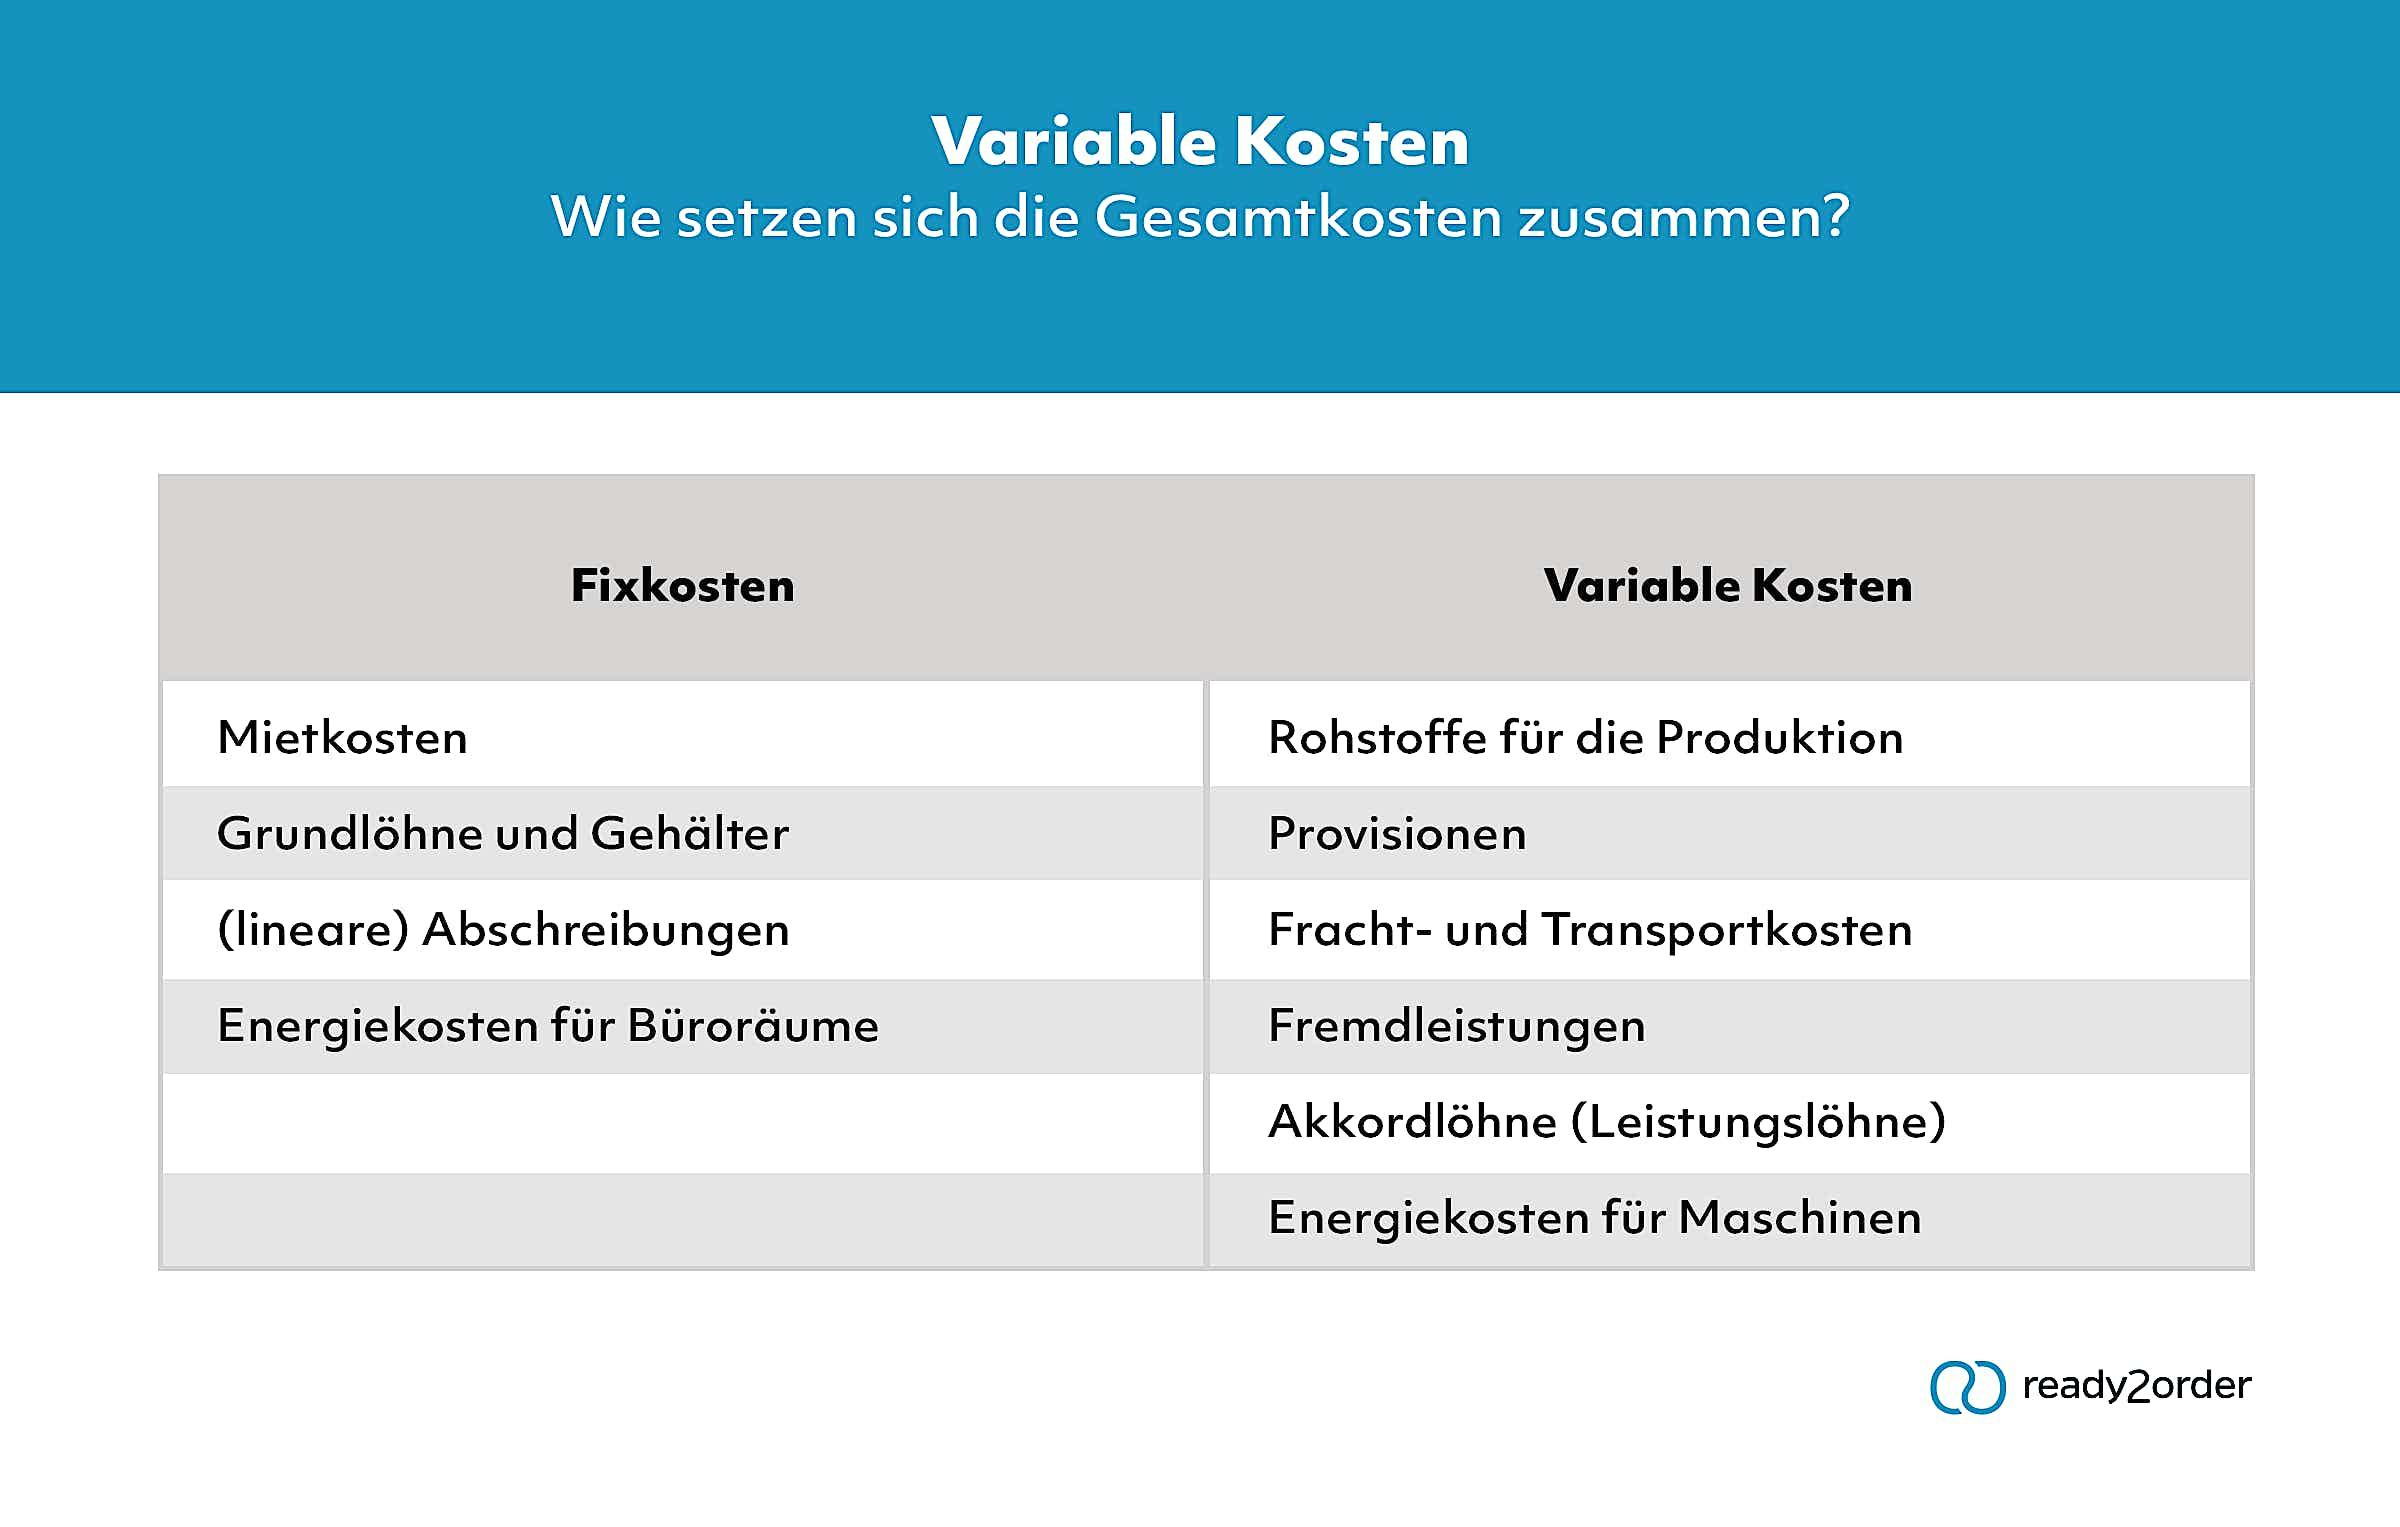 Gesamtkosten, Fixkosten und variable Kosten